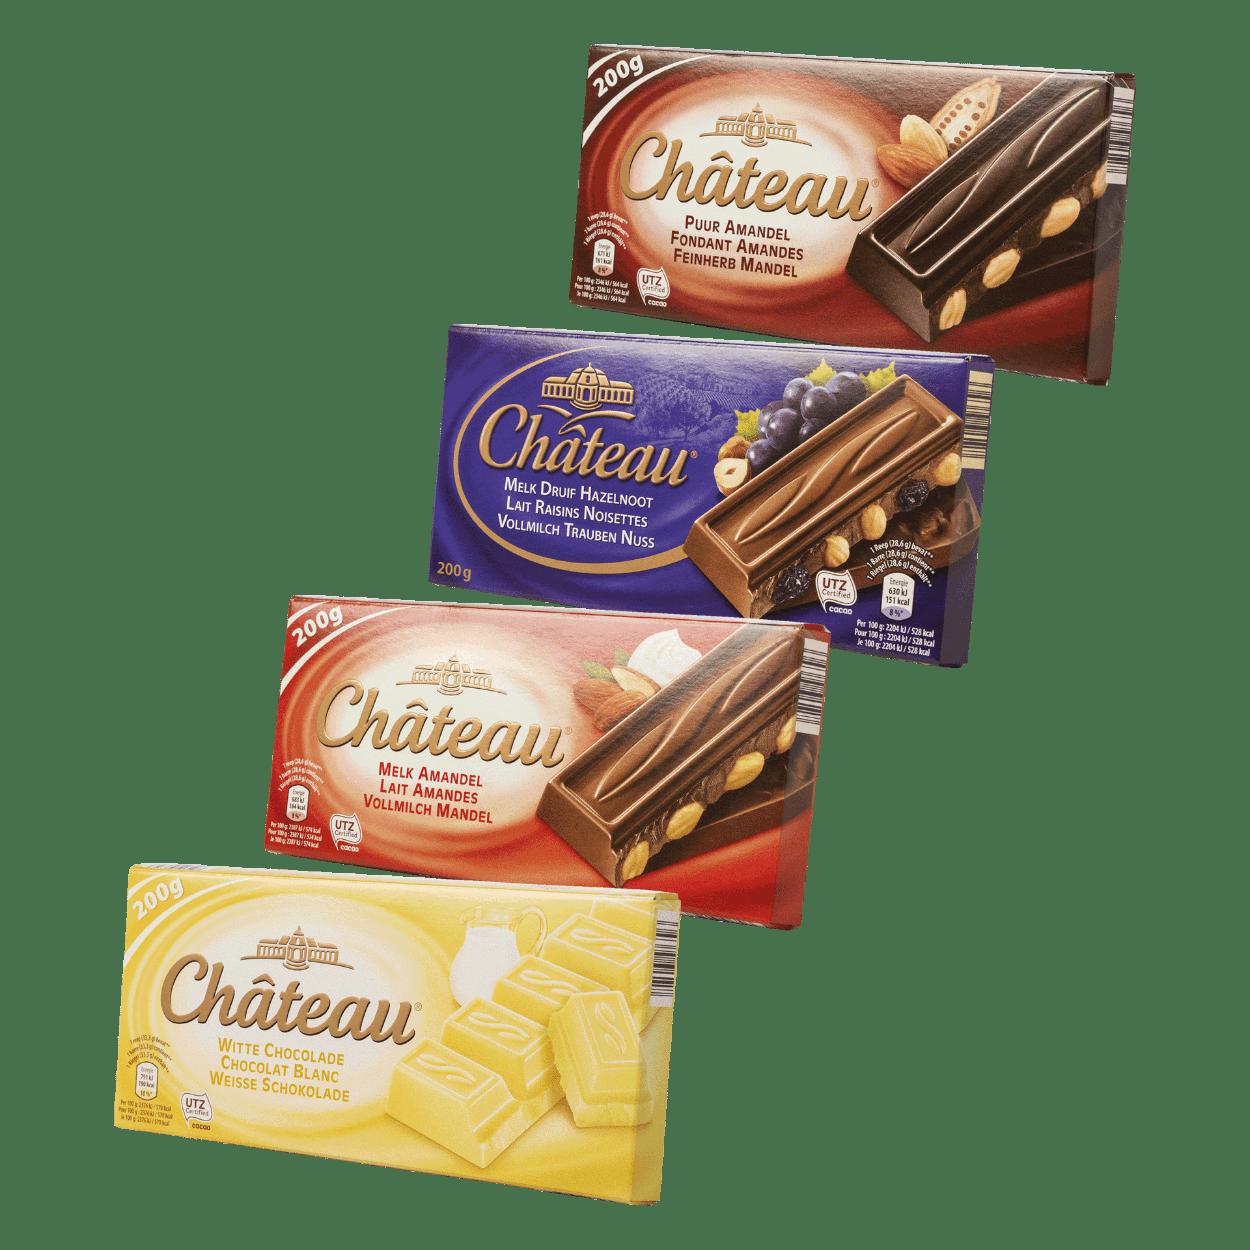 Schokolade günstig bei ALDI